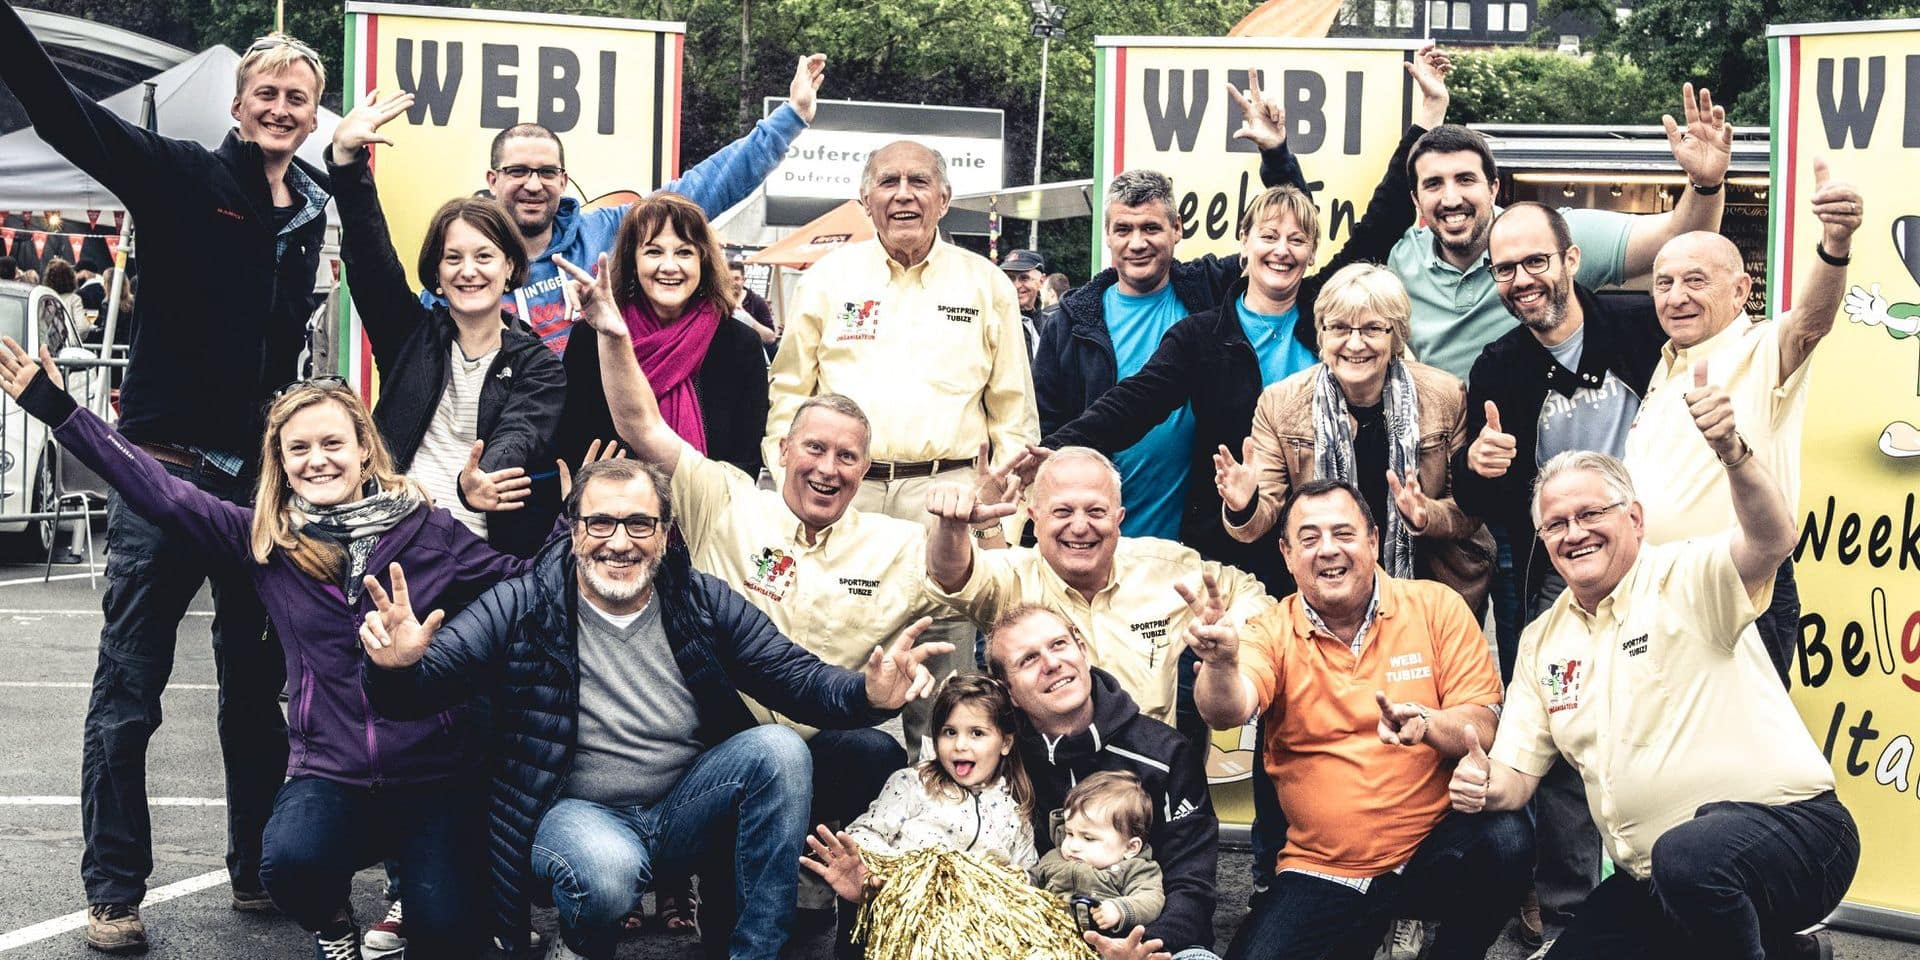 Le Webi fête son grand retour ce week-end à Tubize